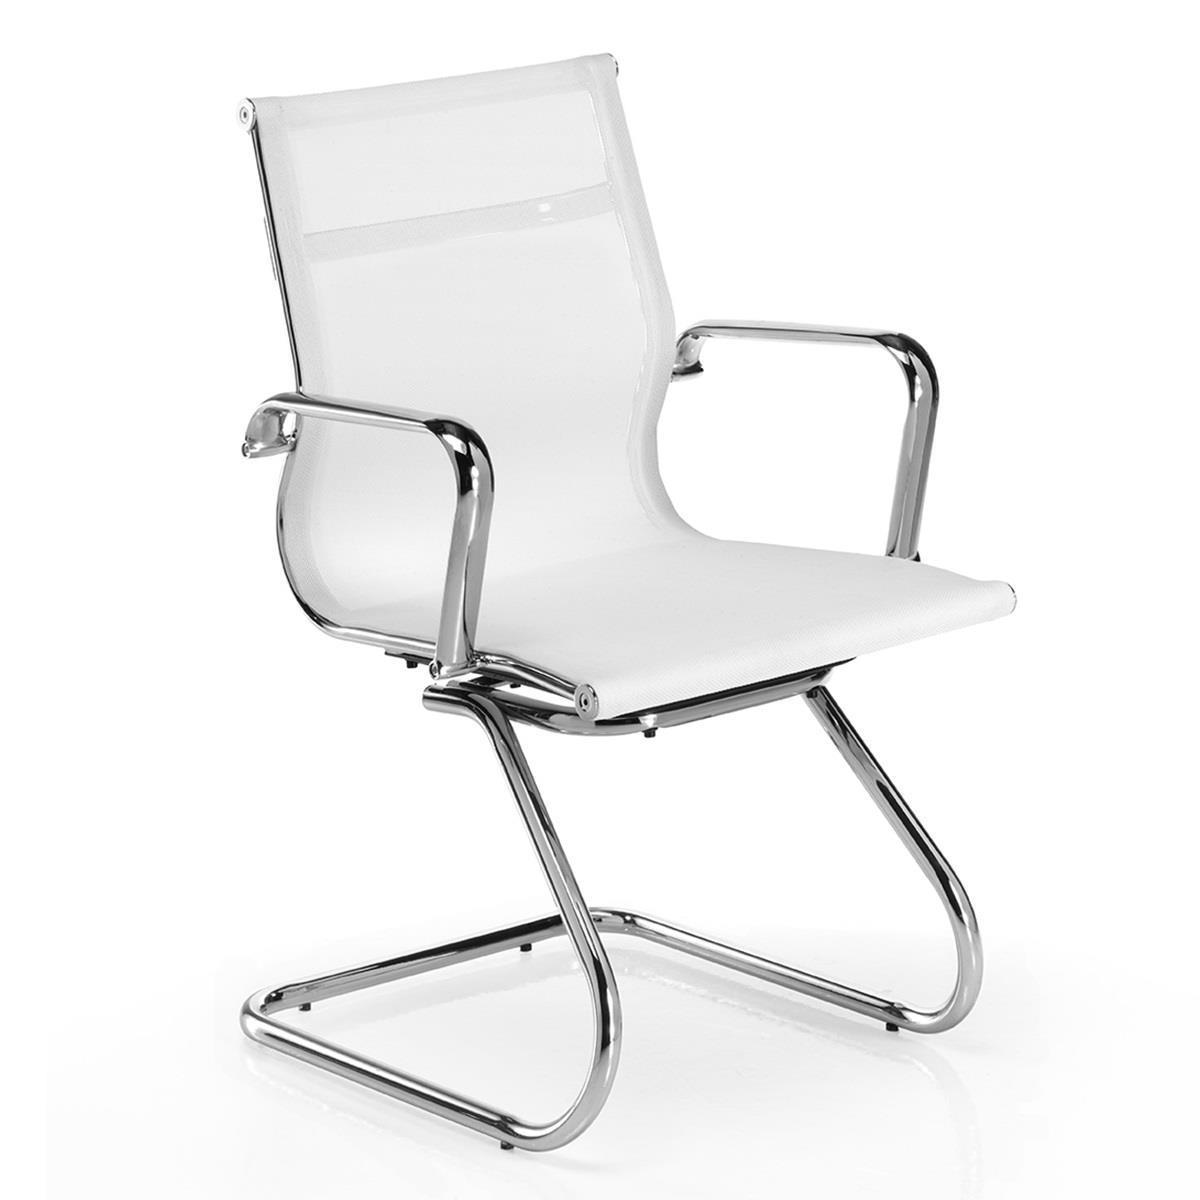 Chaise visiteur domi v structure m tallique chrom e en maille blanc - Chaise metallique design ...